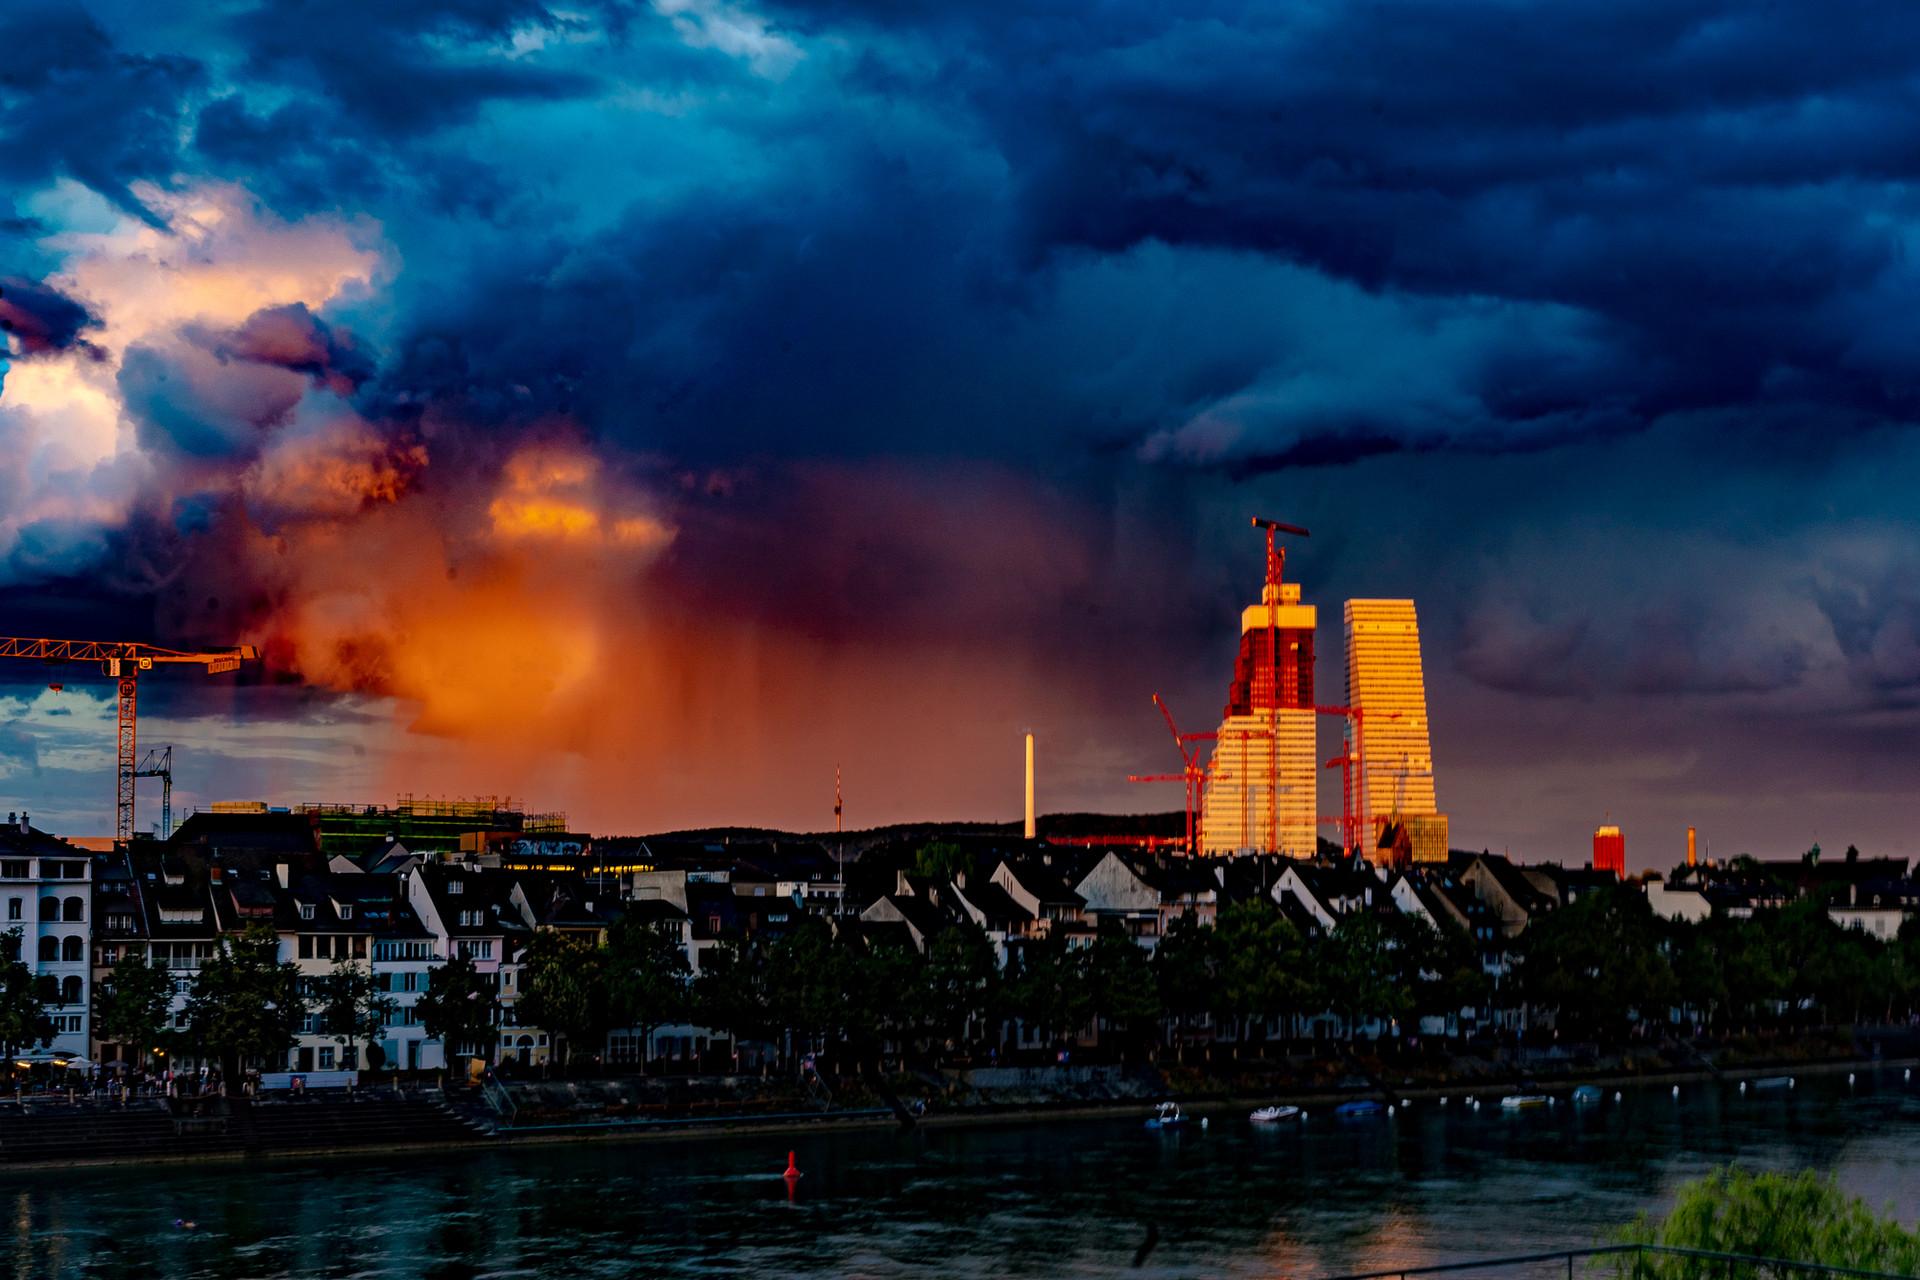 200818_Viswerk_Roche Basel sky colour.jp